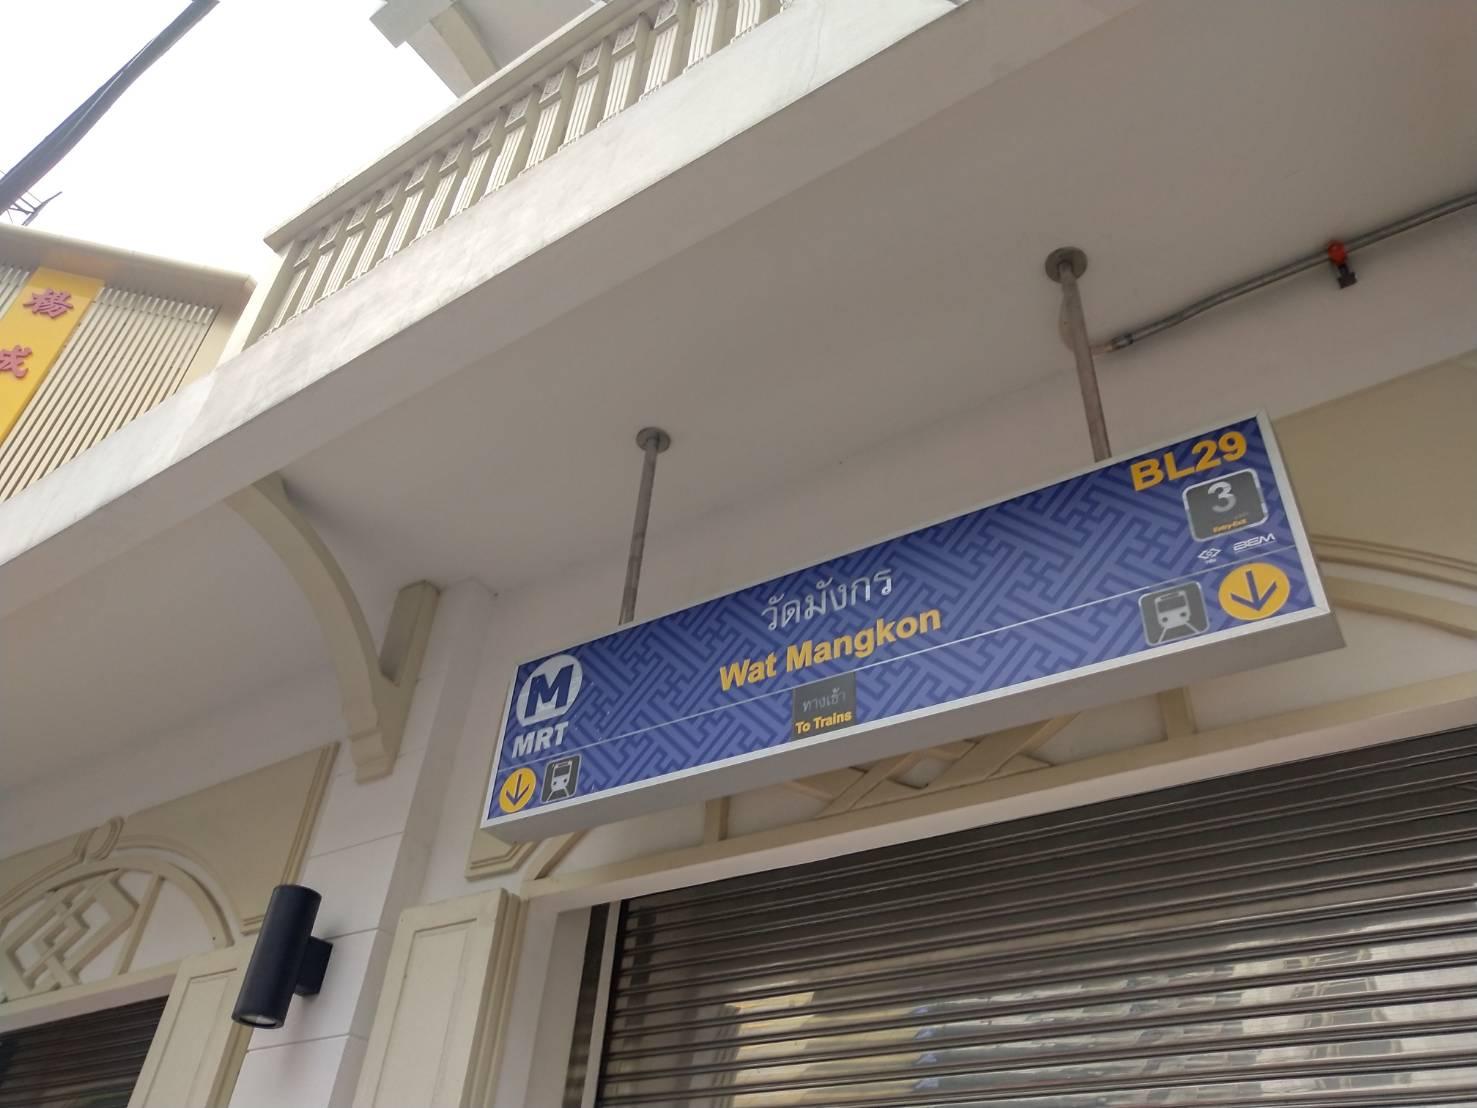 MRT Wat Mangkon